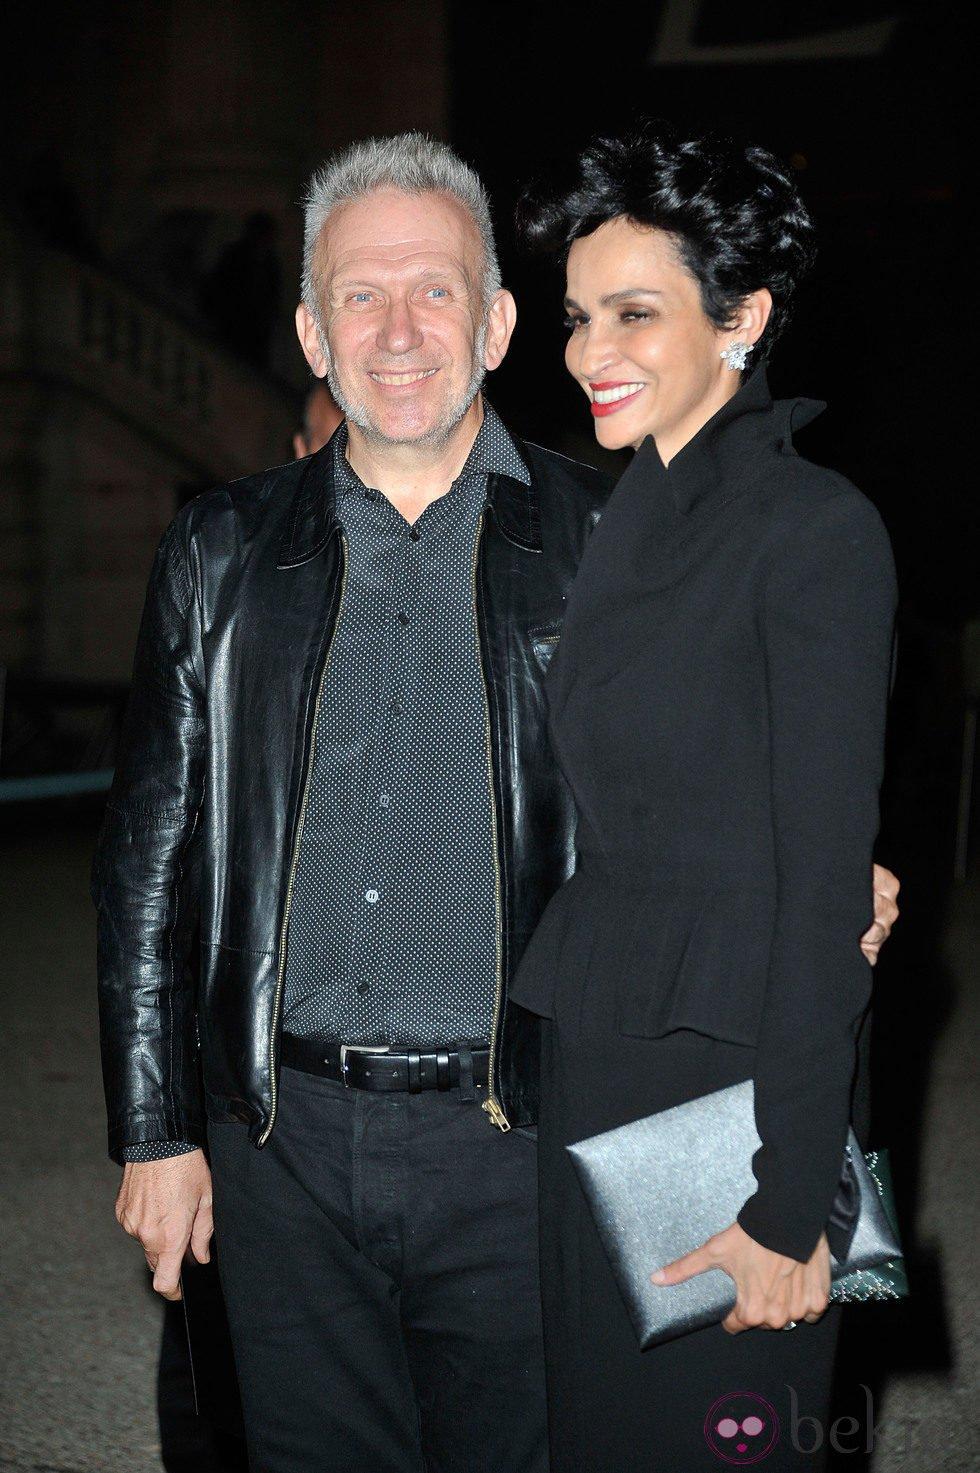 Jean-Paul Gaultier y Farida Khelfa en el desfile de Yves Saint Laurent en la Semana de la Moda de París primavera/verano 2014